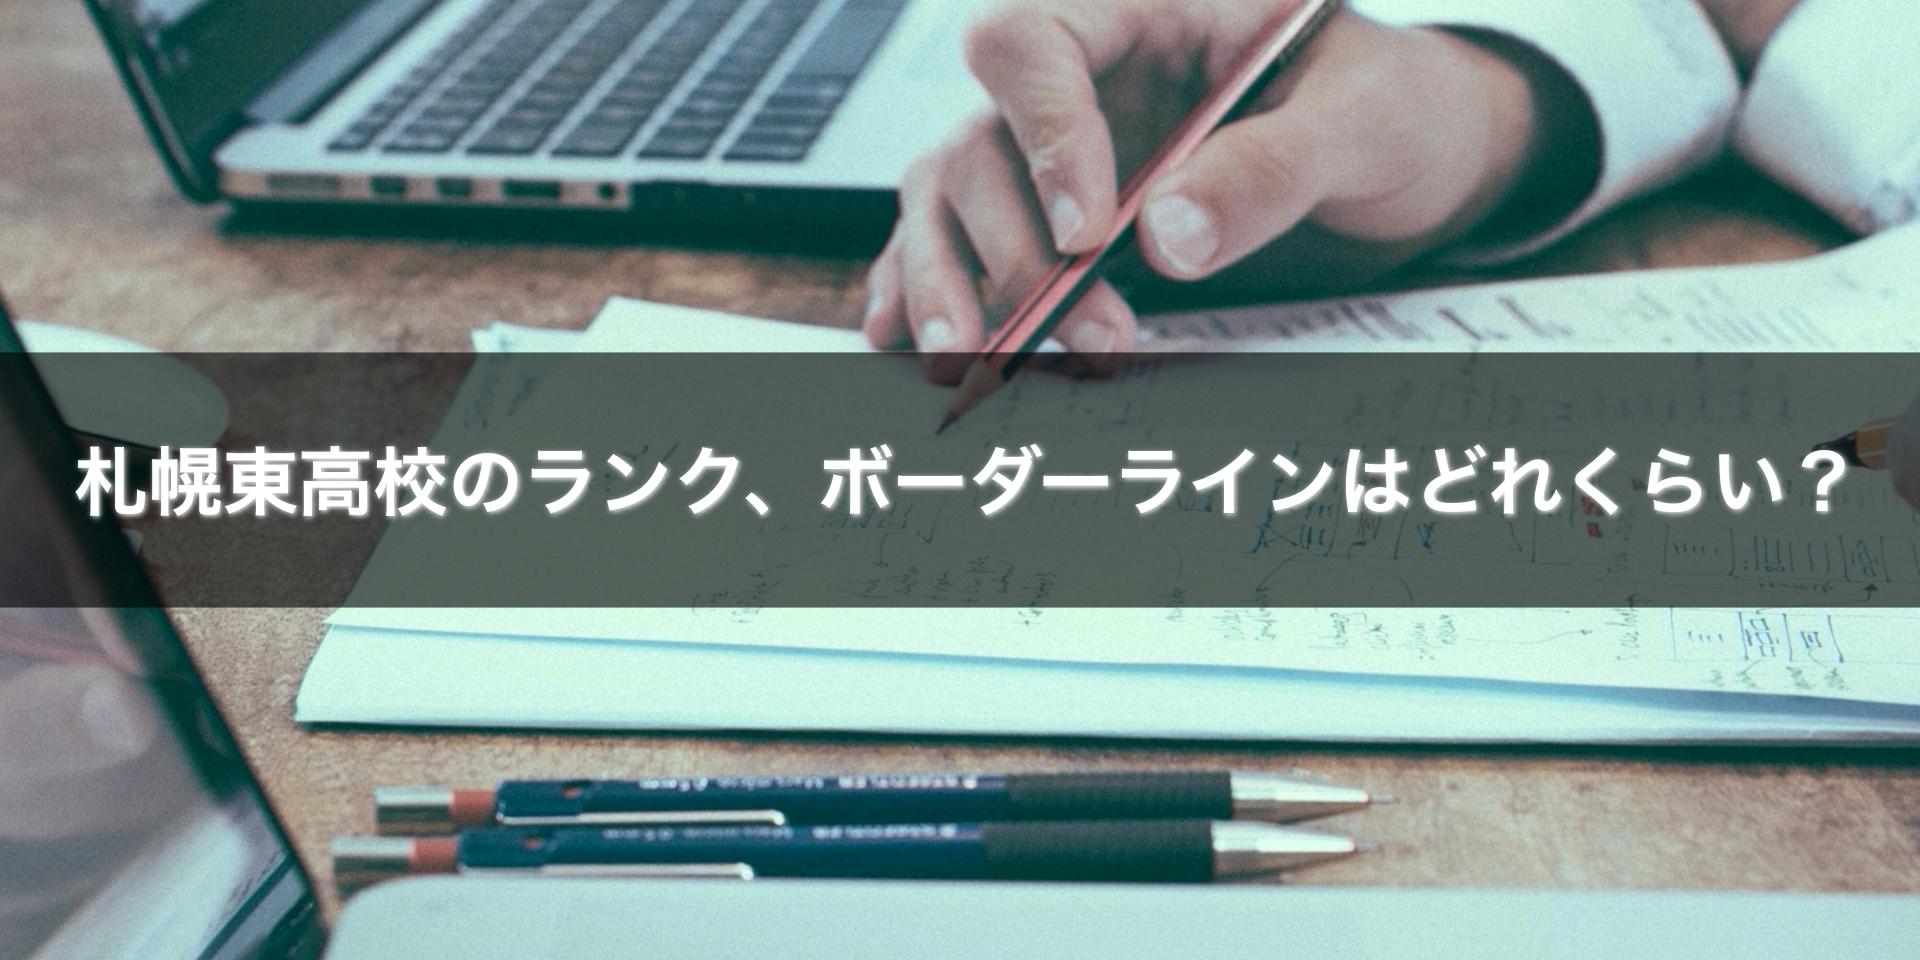 札幌東高校のランク、ボーダーラインはどれくらい?